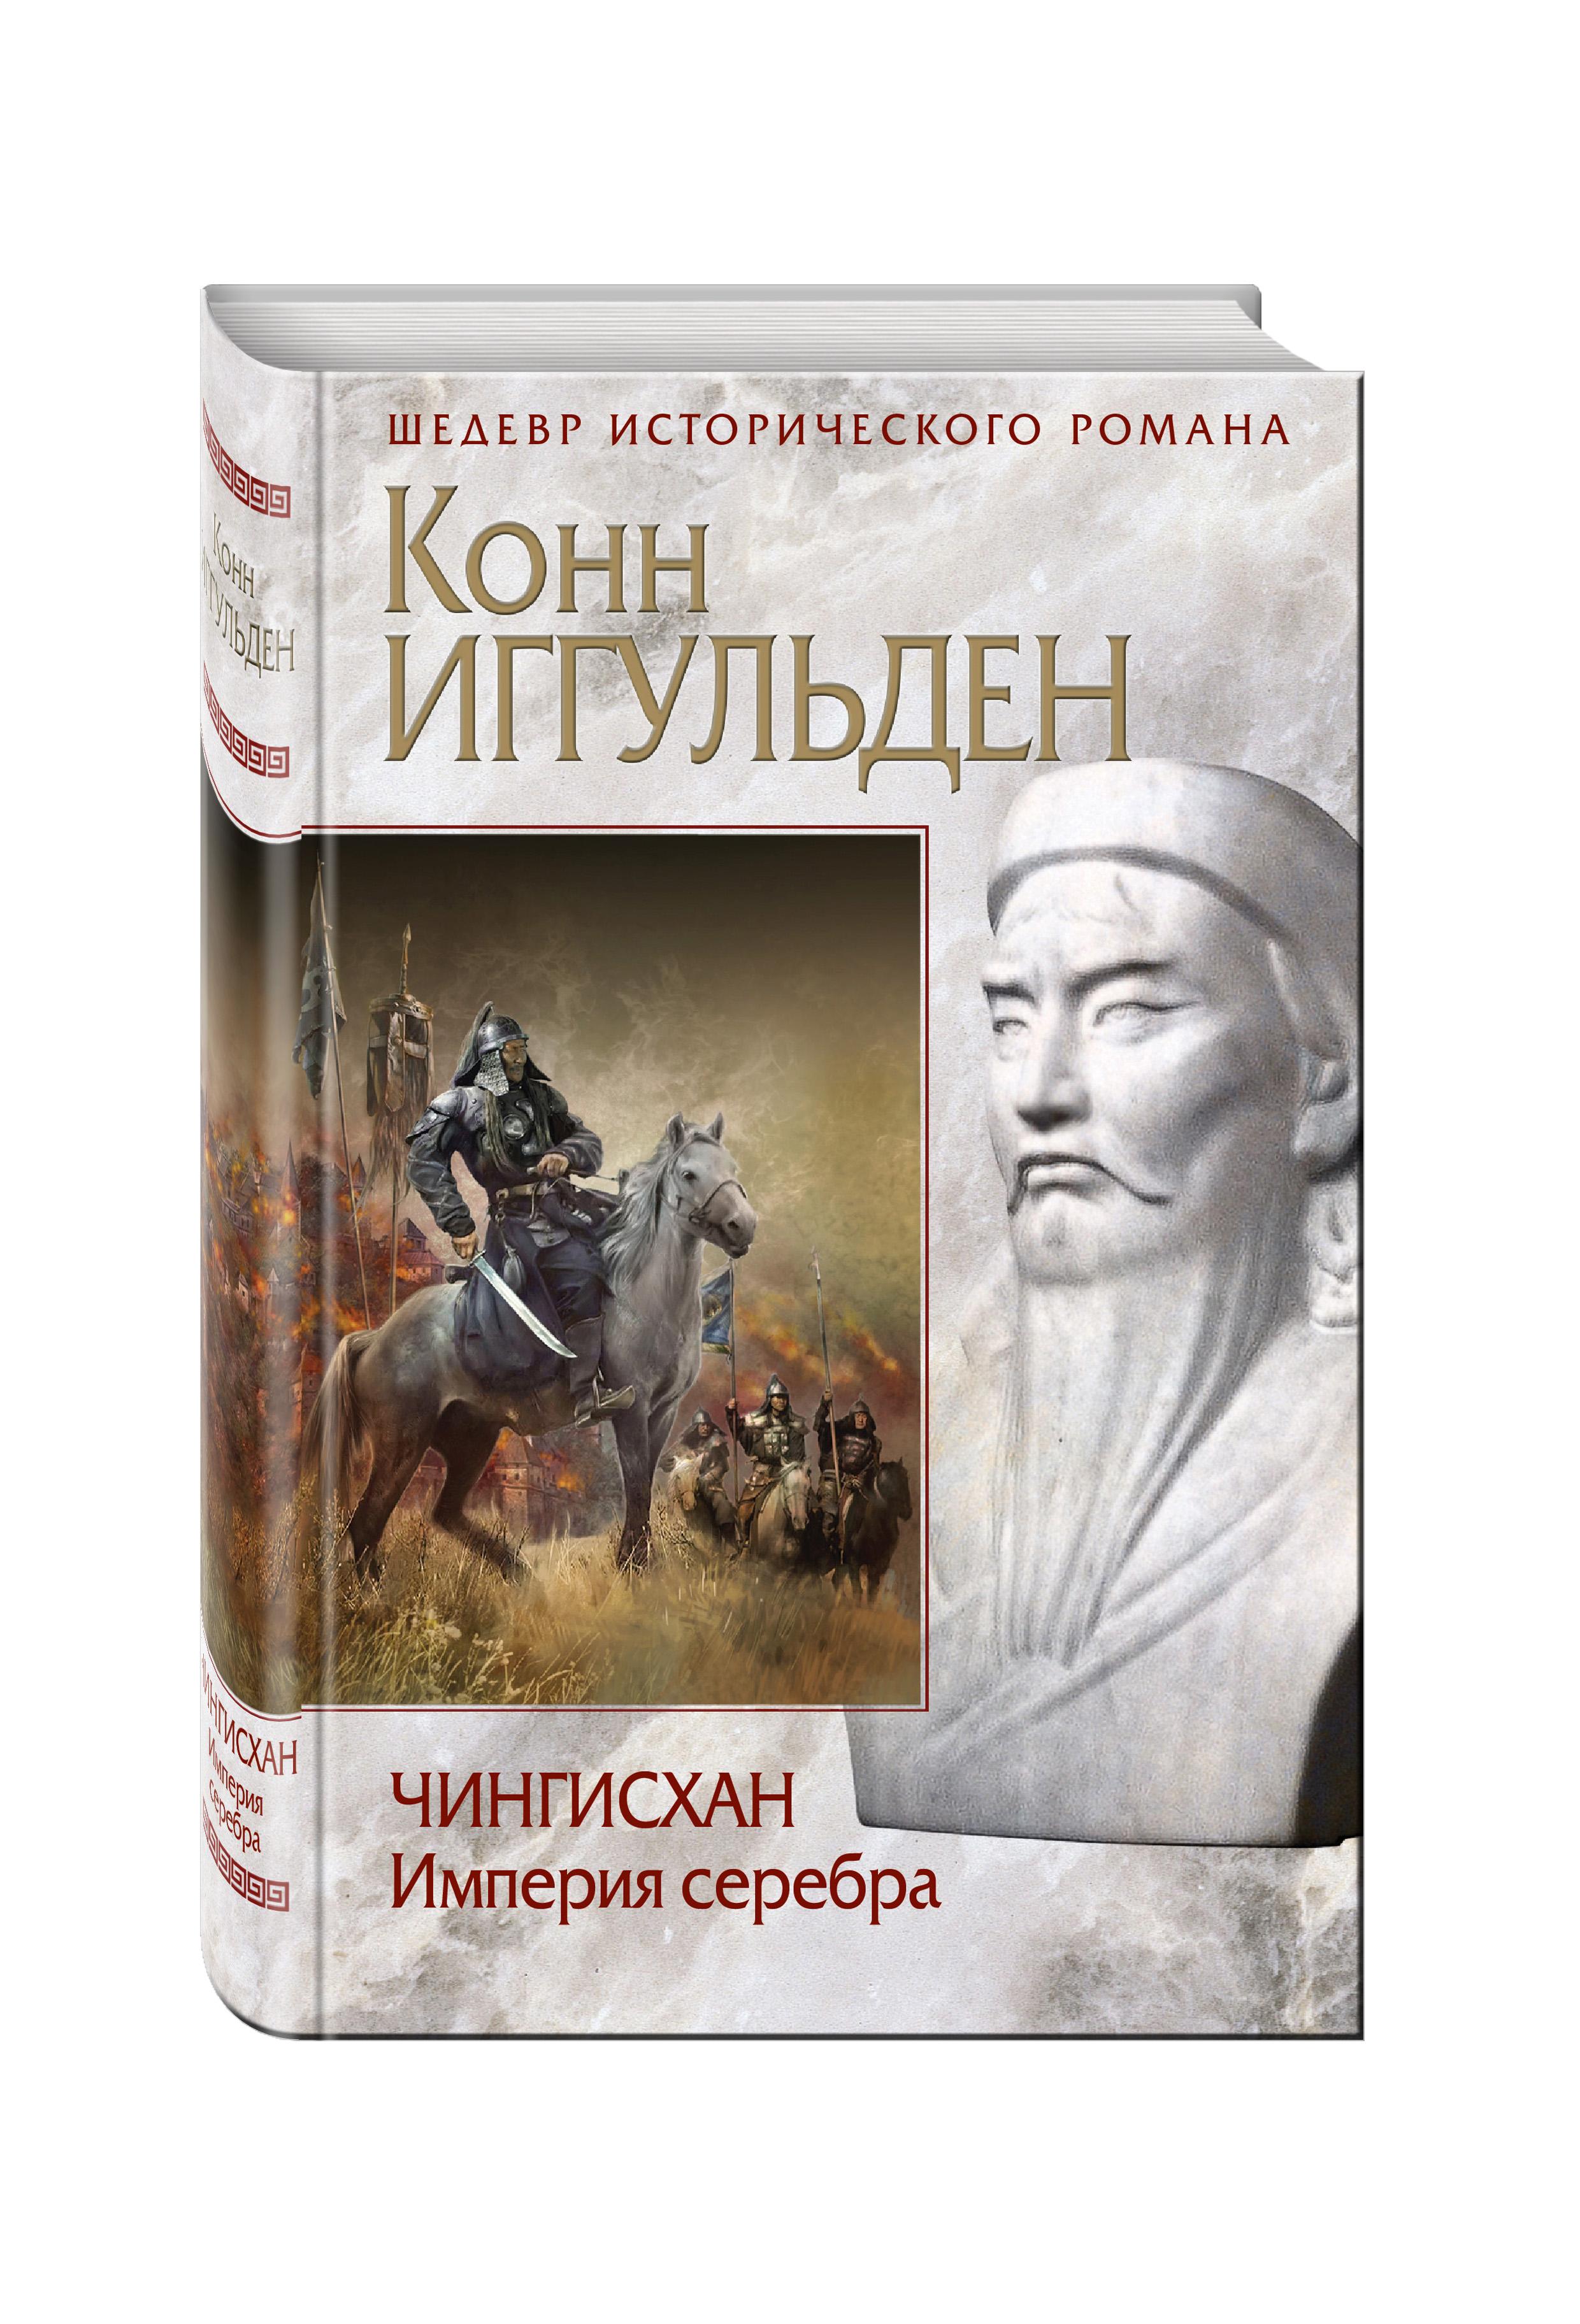 Чингисхан. Империя серебра от book24.ru